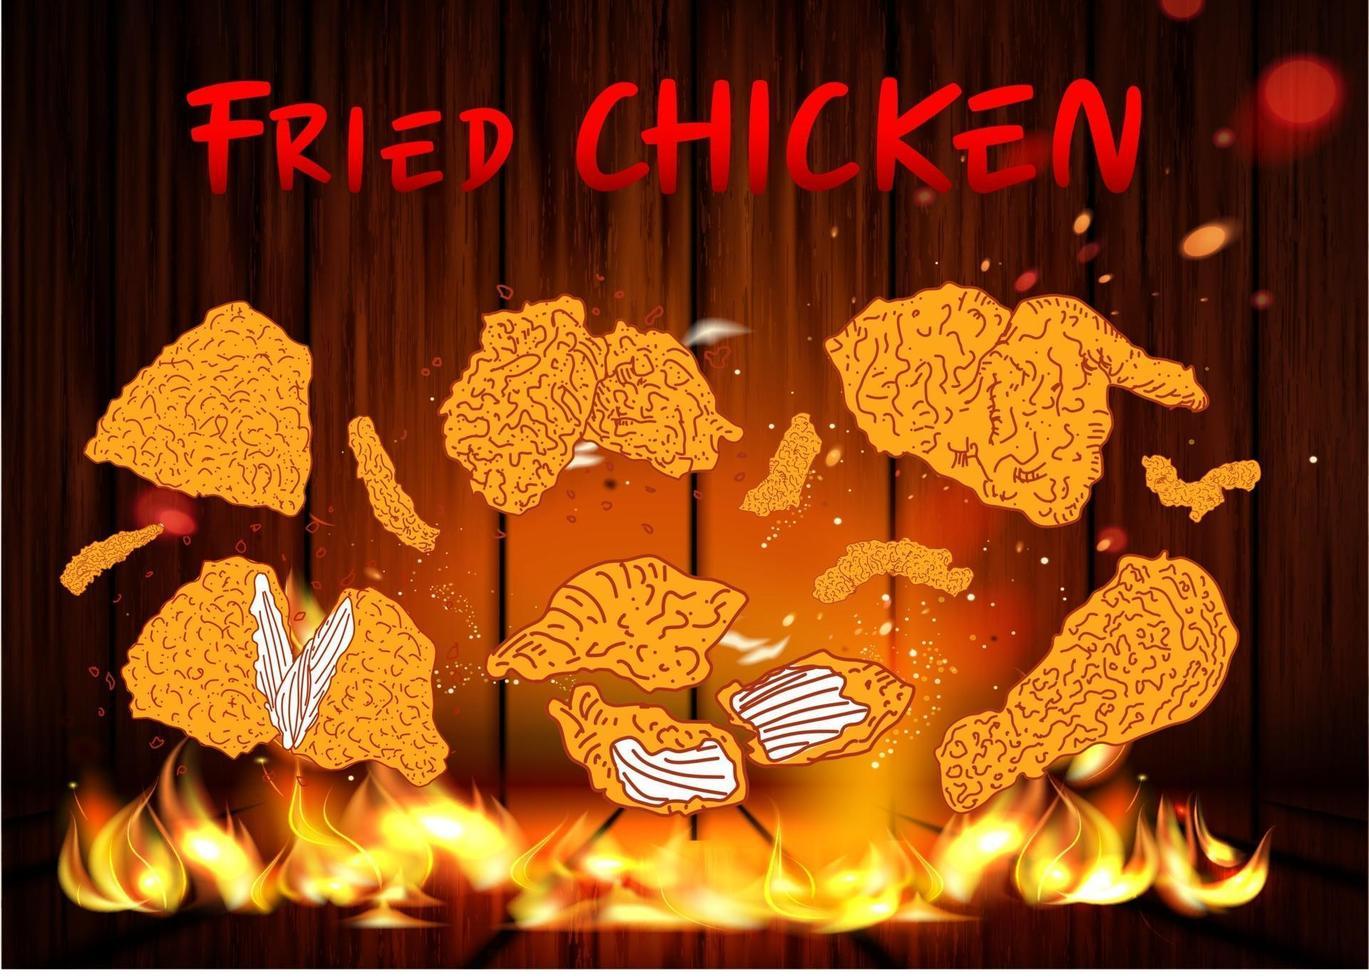 gebratenes Hühnerfleisch. Designelemente für Fast-Food-Menüs. vektor